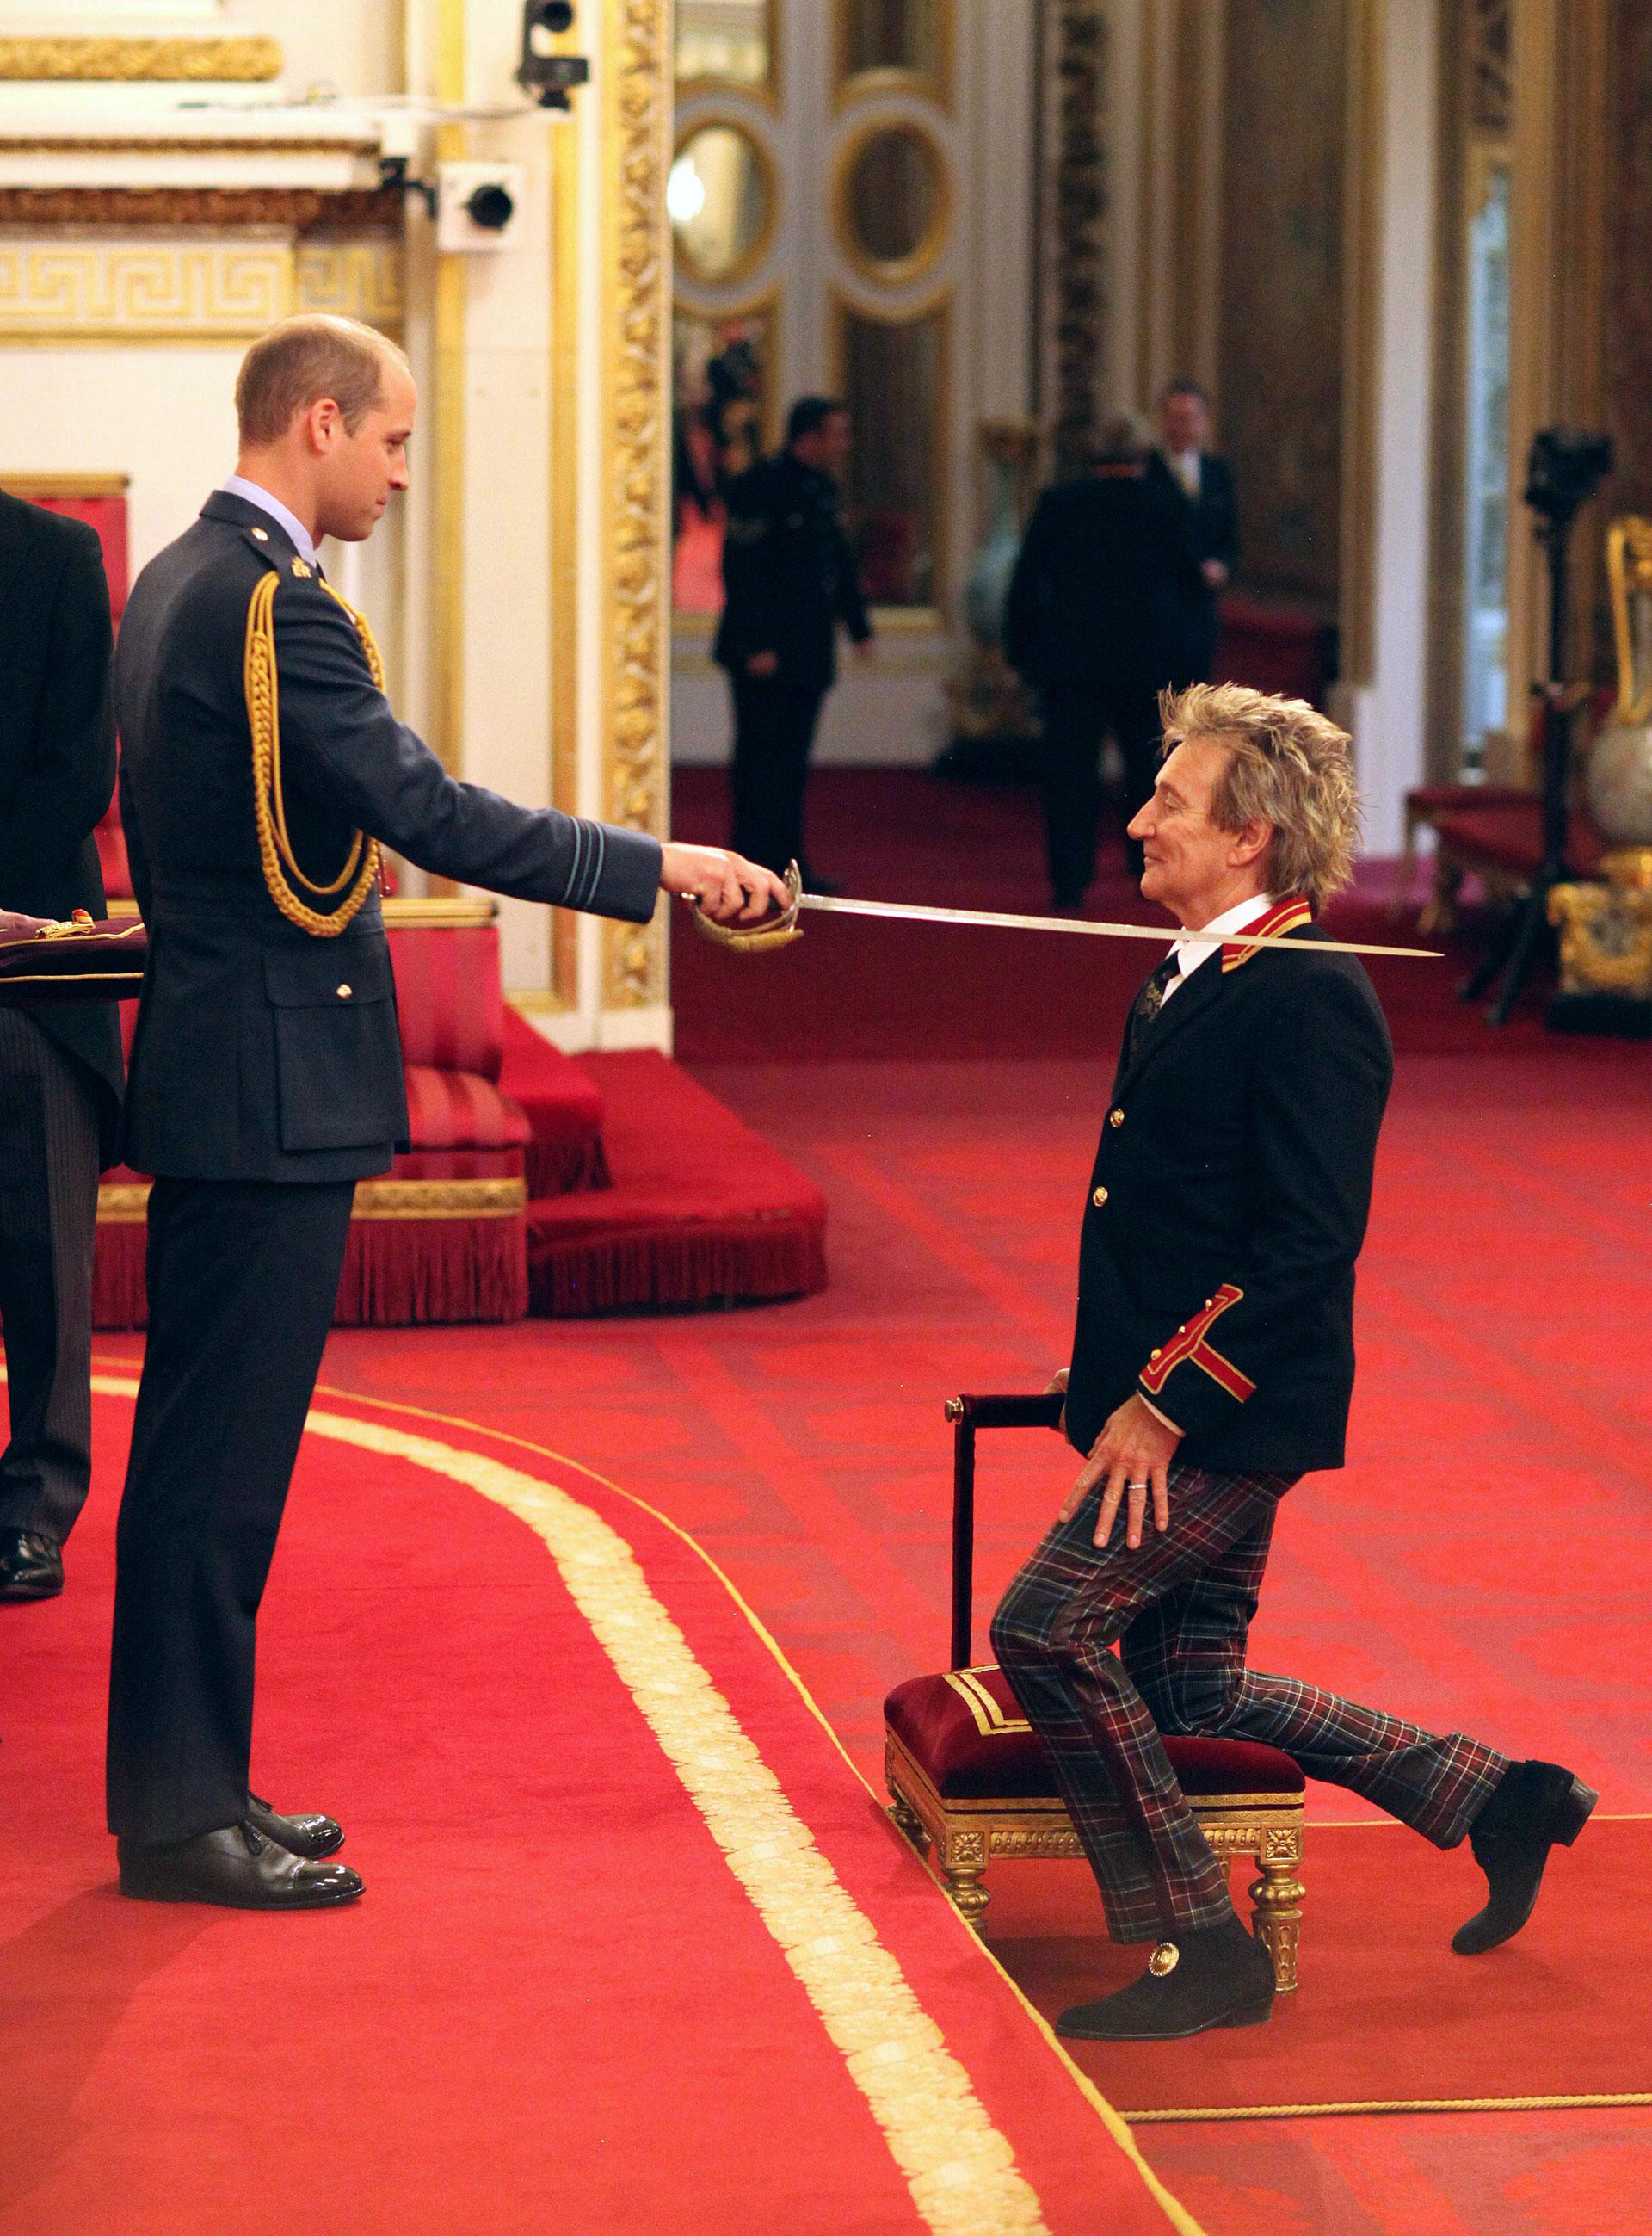 Rod Stewart fue nombrado Sirpor el príncipe William en una majestuosa ceremonia en el Buckingham Palace